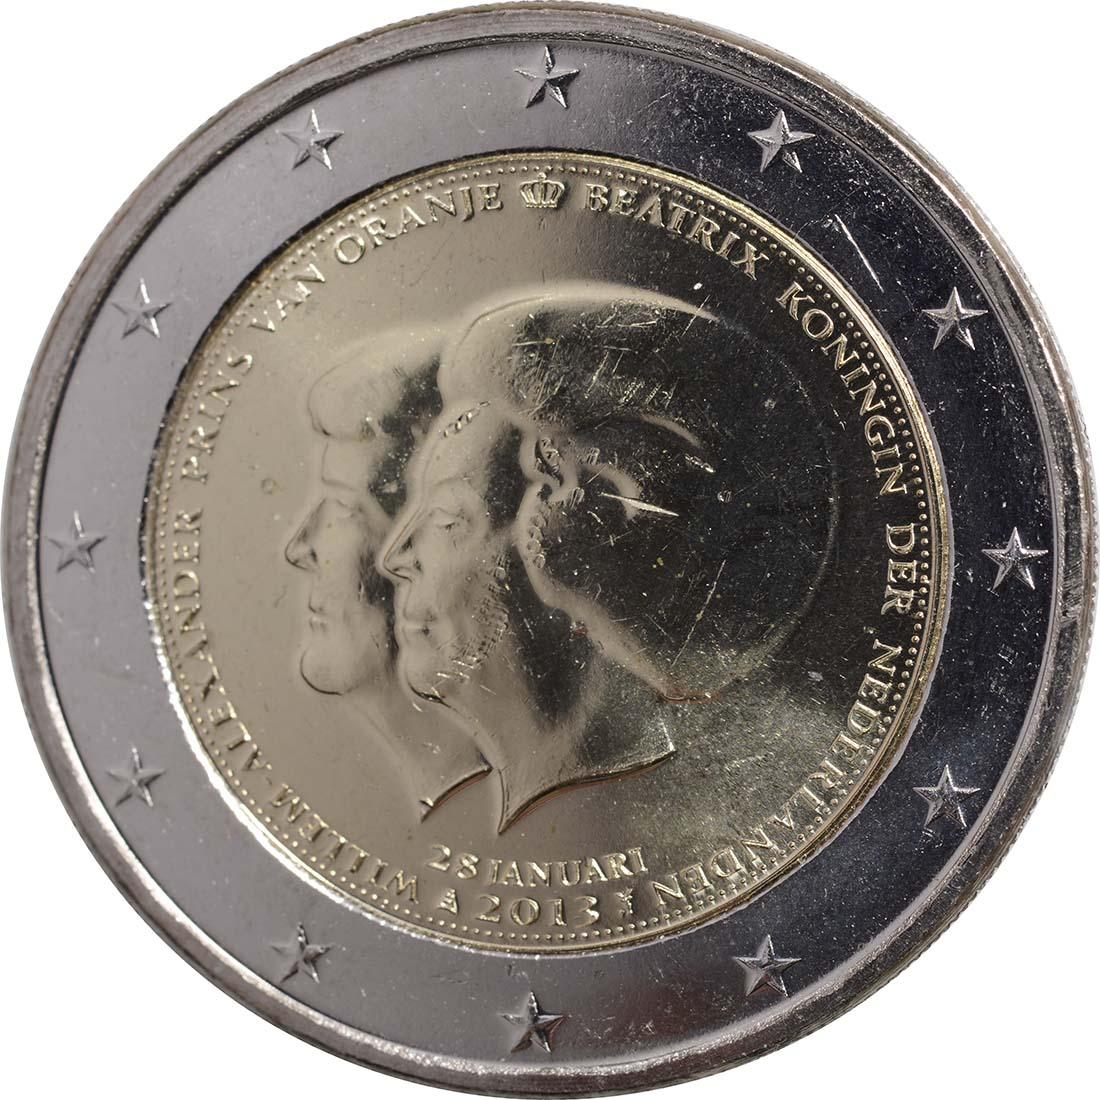 Rückseite:Niederlande : 2 Euro Thronwechsel - Doppelportrait Beatrix / Willem Alexander - Originalrolle 25 Münzen  2013 Stgl.